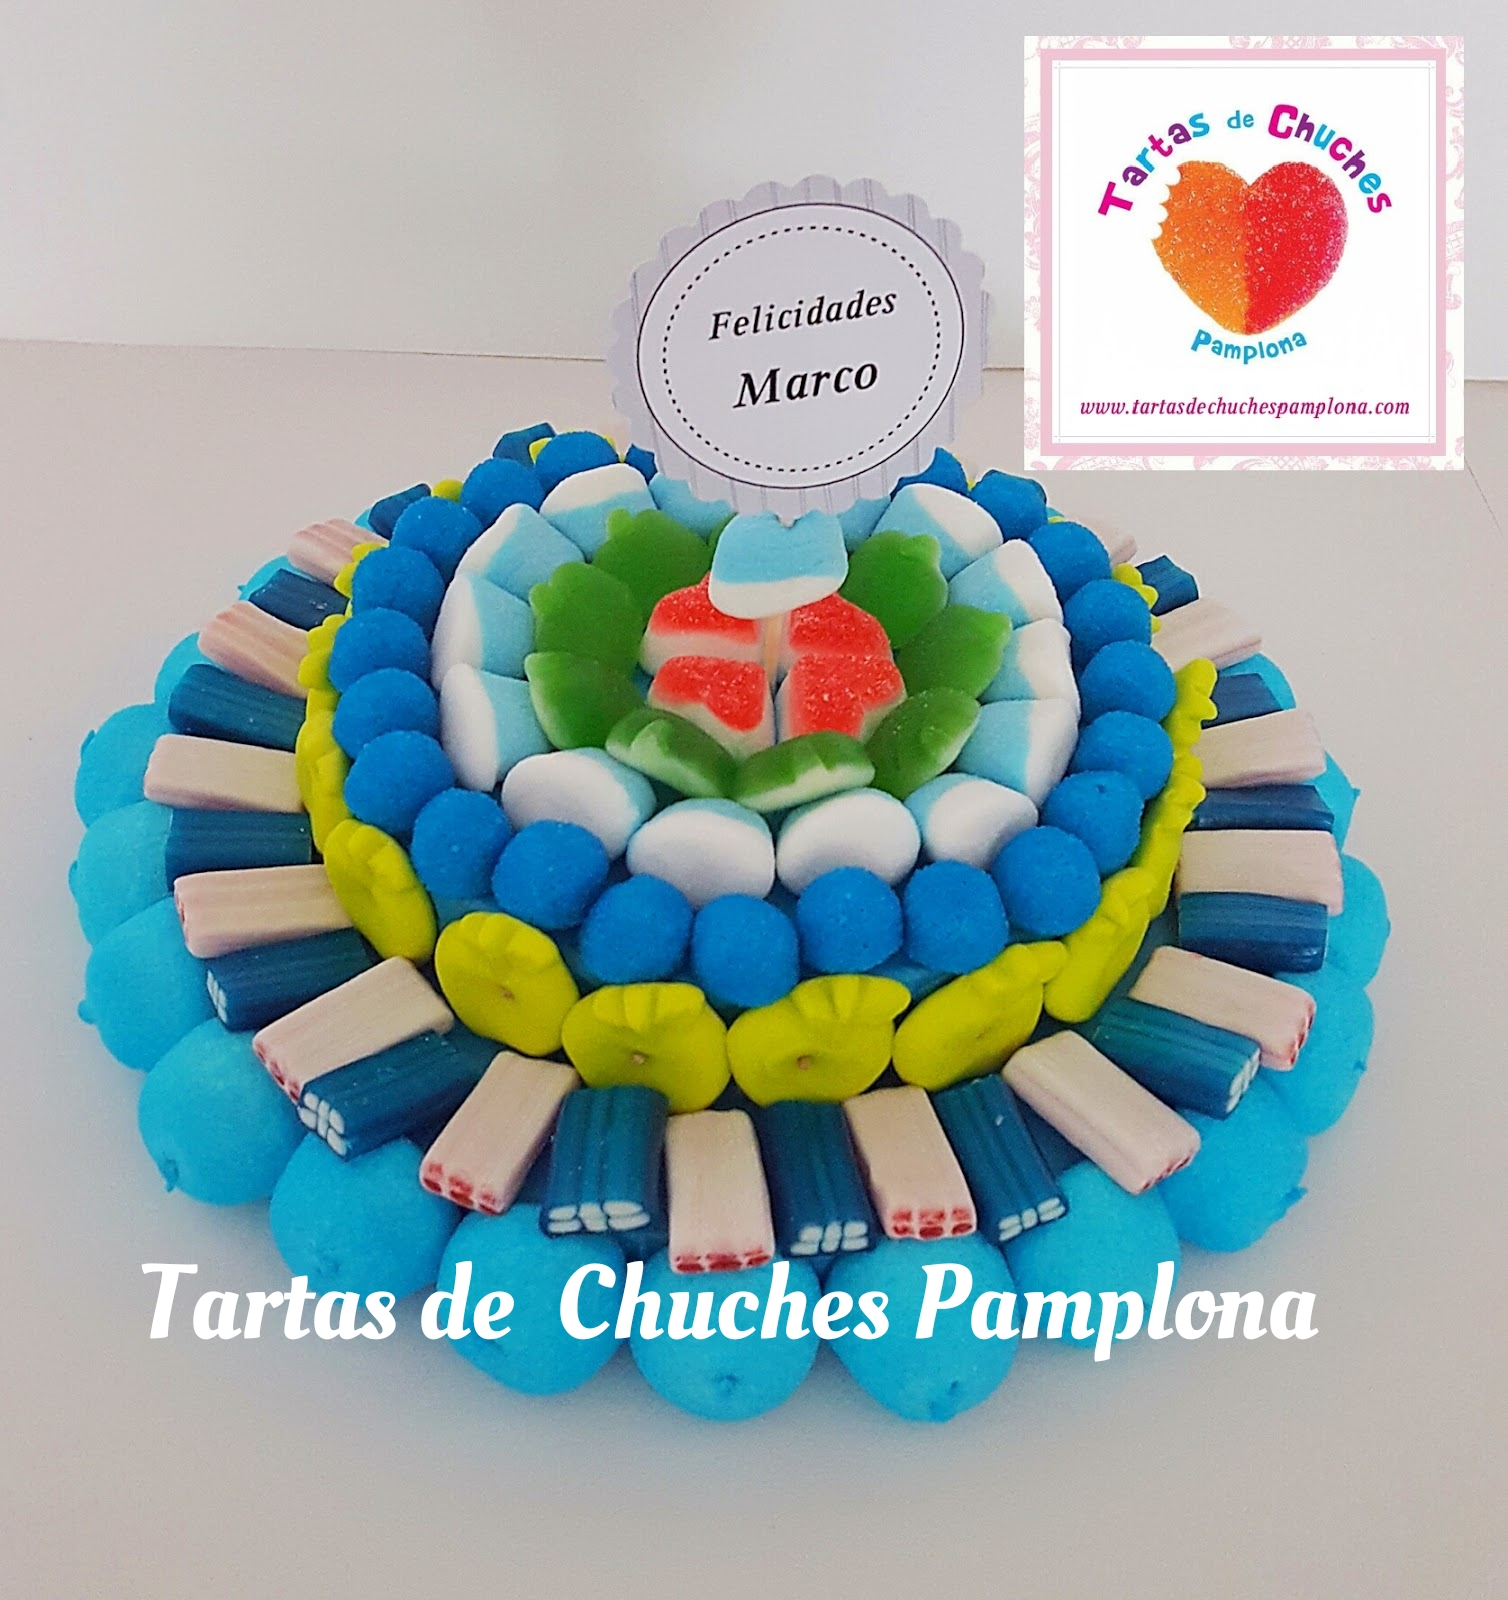 Tartas de Chuches Pamplona : Tarta de chuches